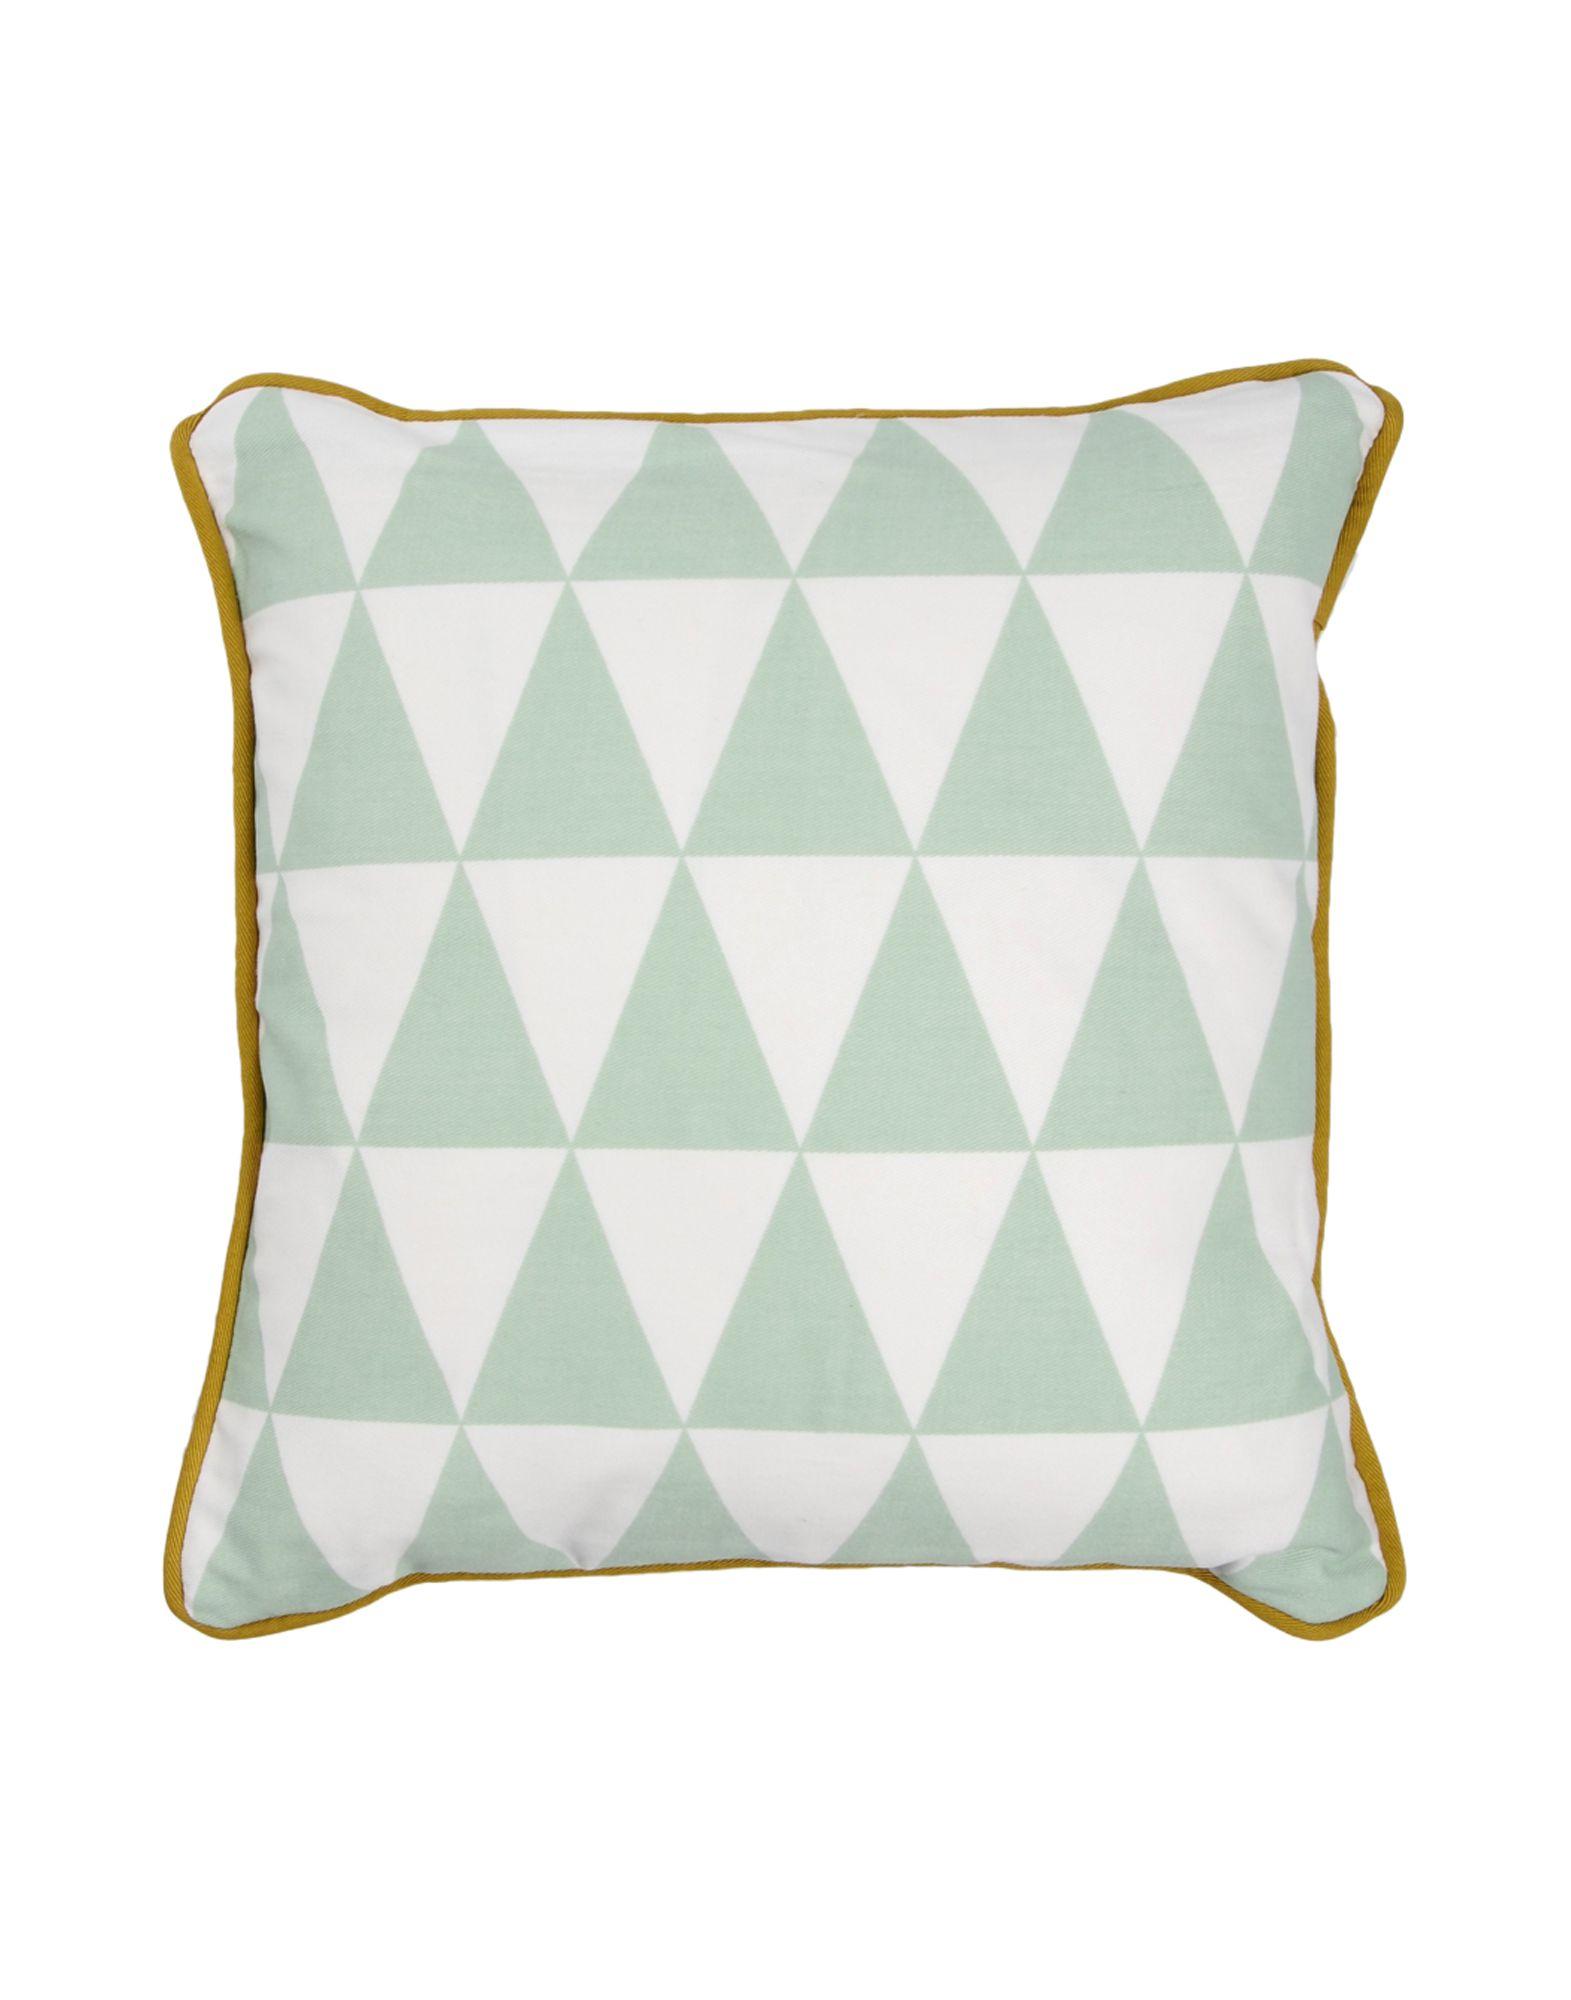 Cuscini Ferm Living.Ferm Living Little Geometry Pillows Men Ferm Living Pillows